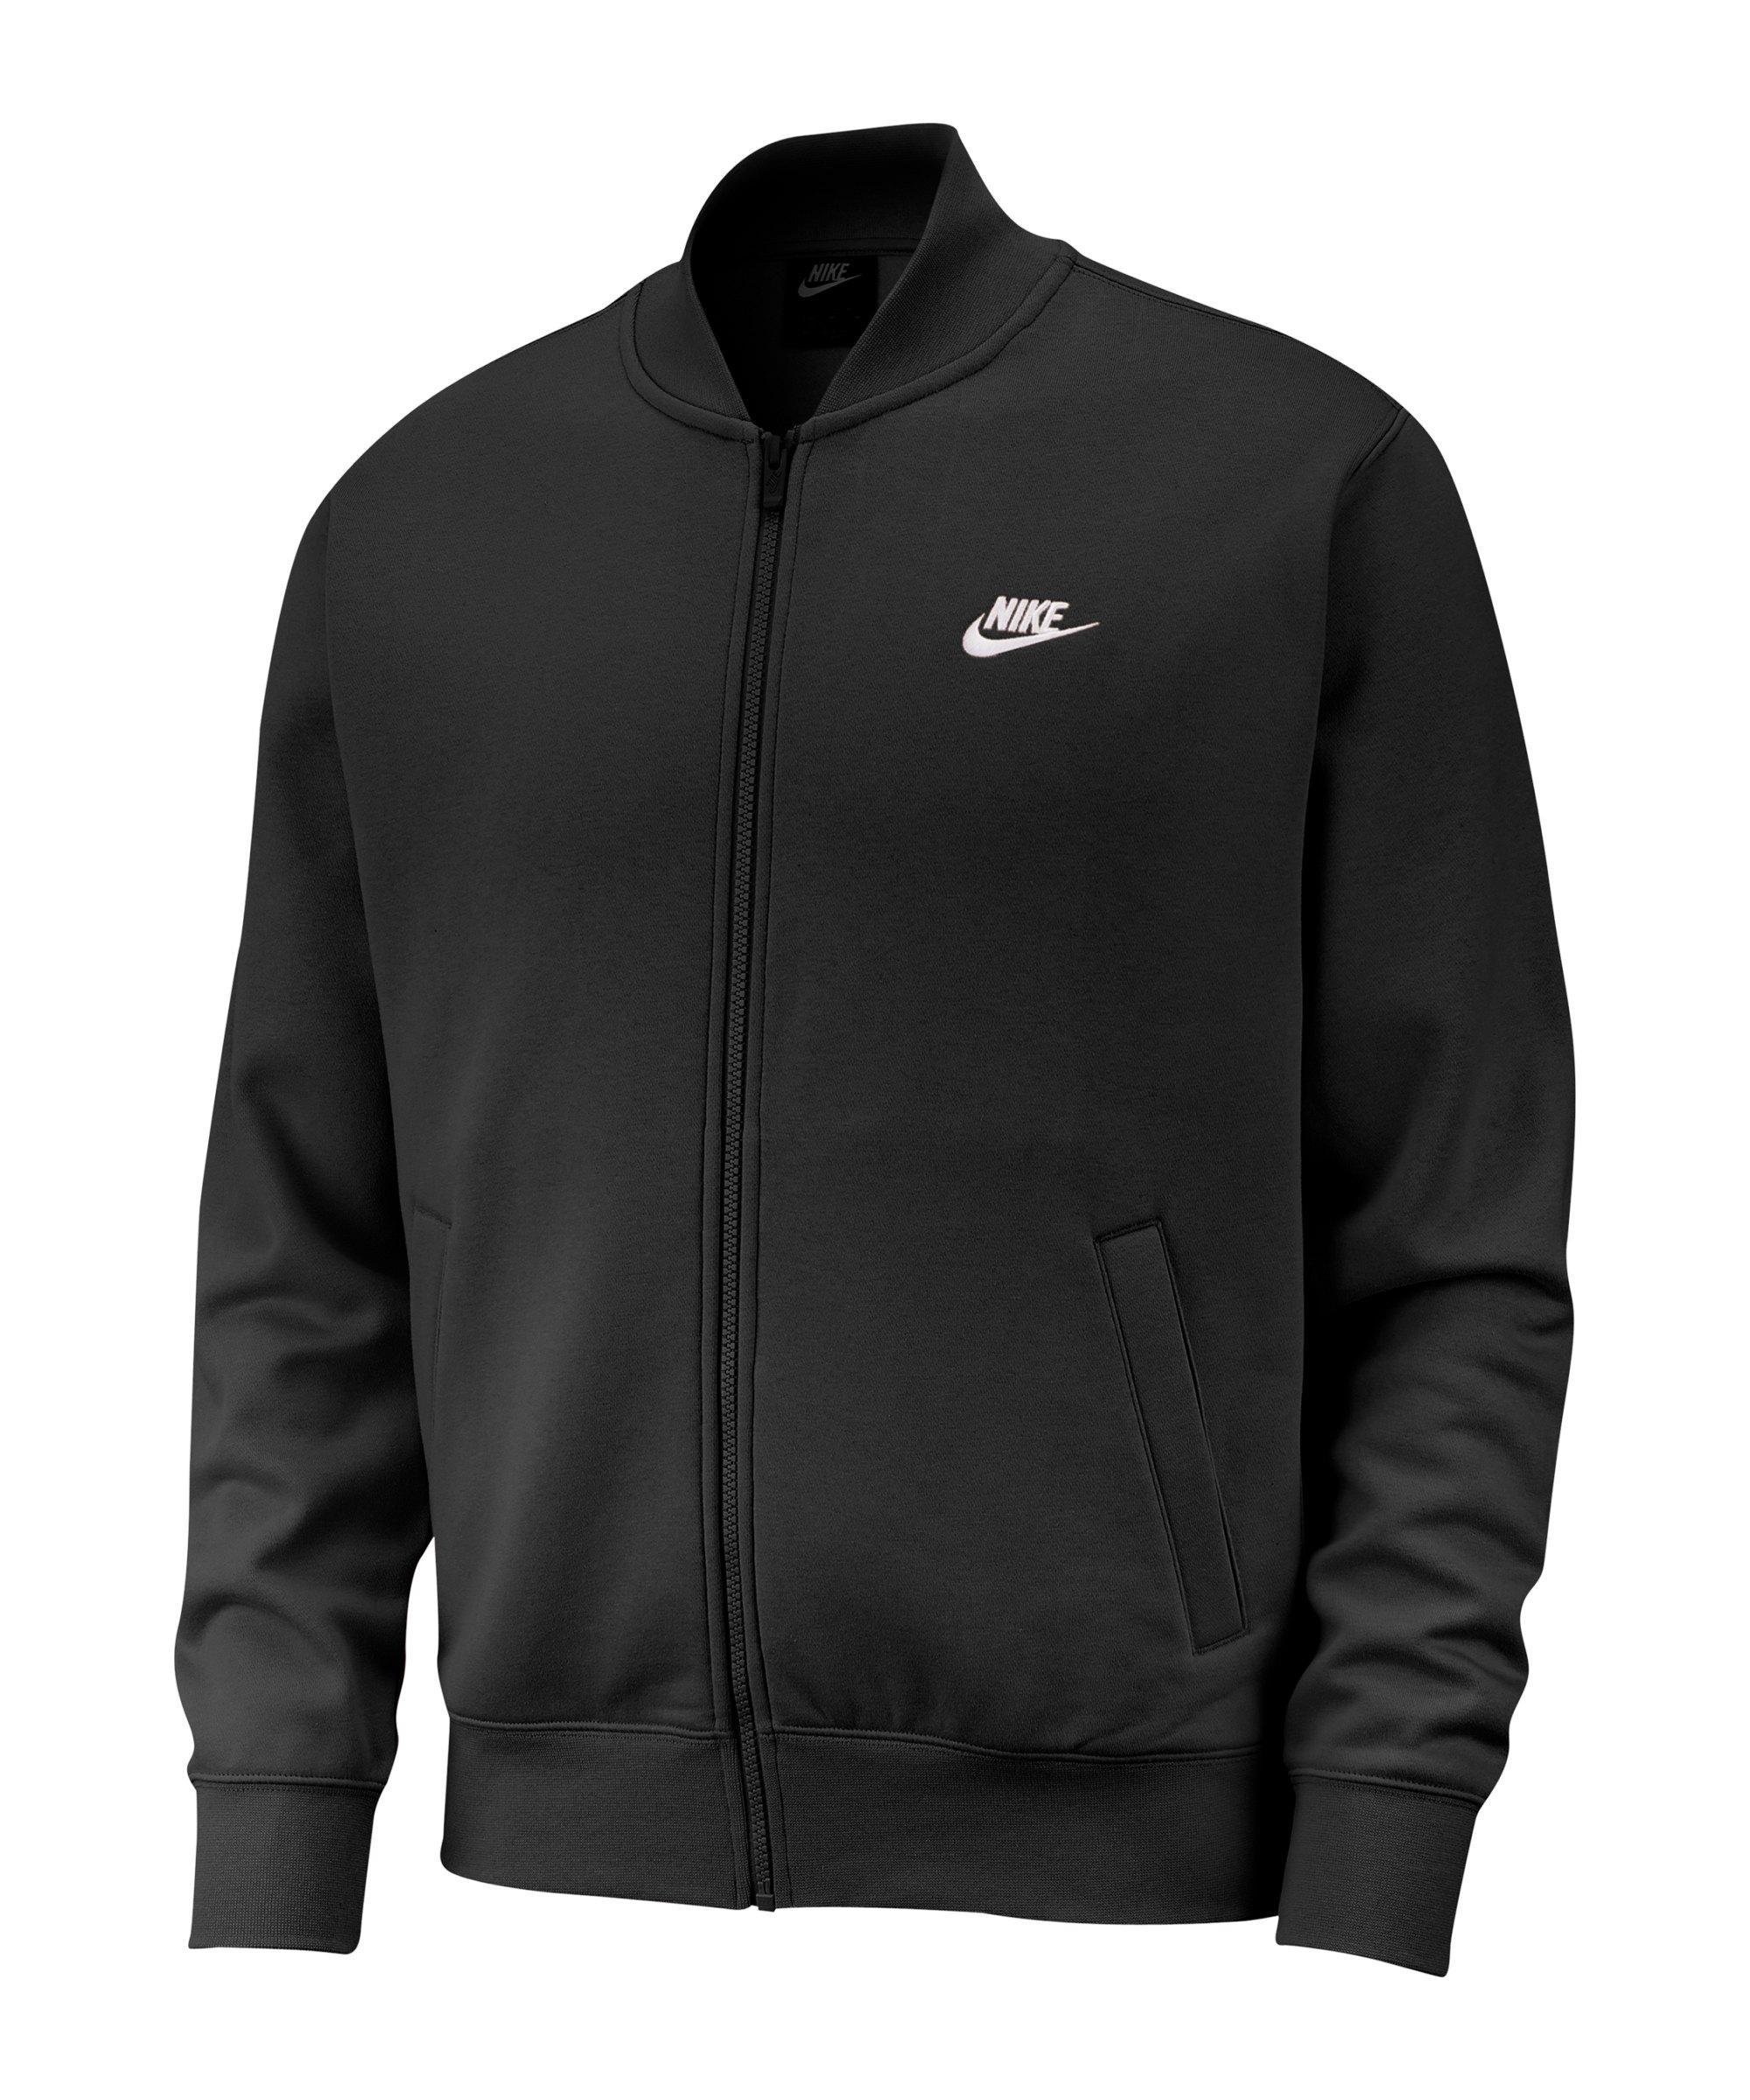 Nike Club Fleece Bomber Jacke Schwarz Weiss F010 - schwarz